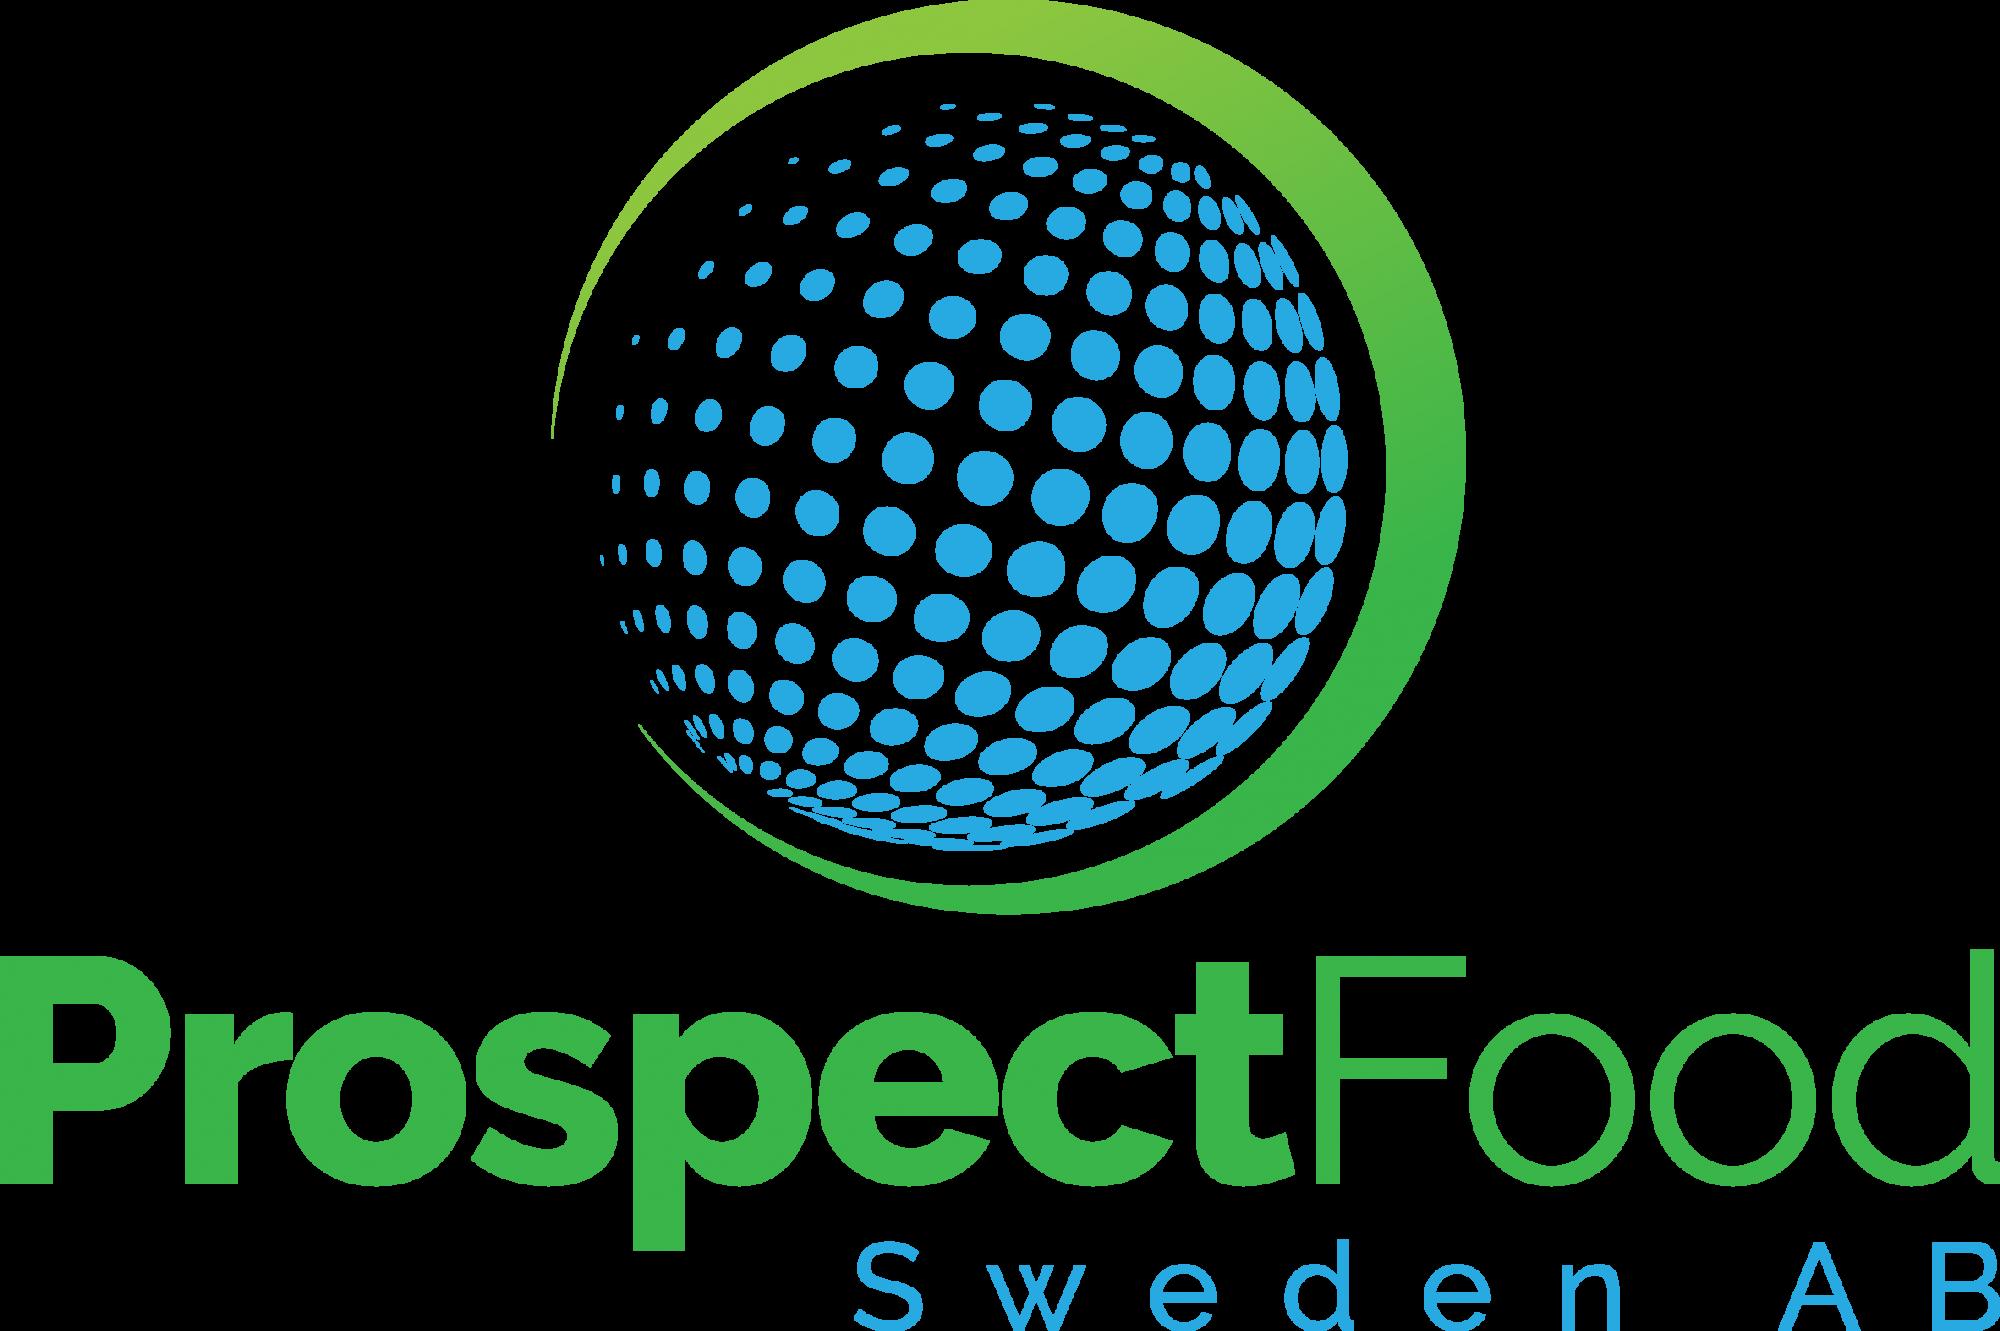 Prospect Food SWEDEN AB